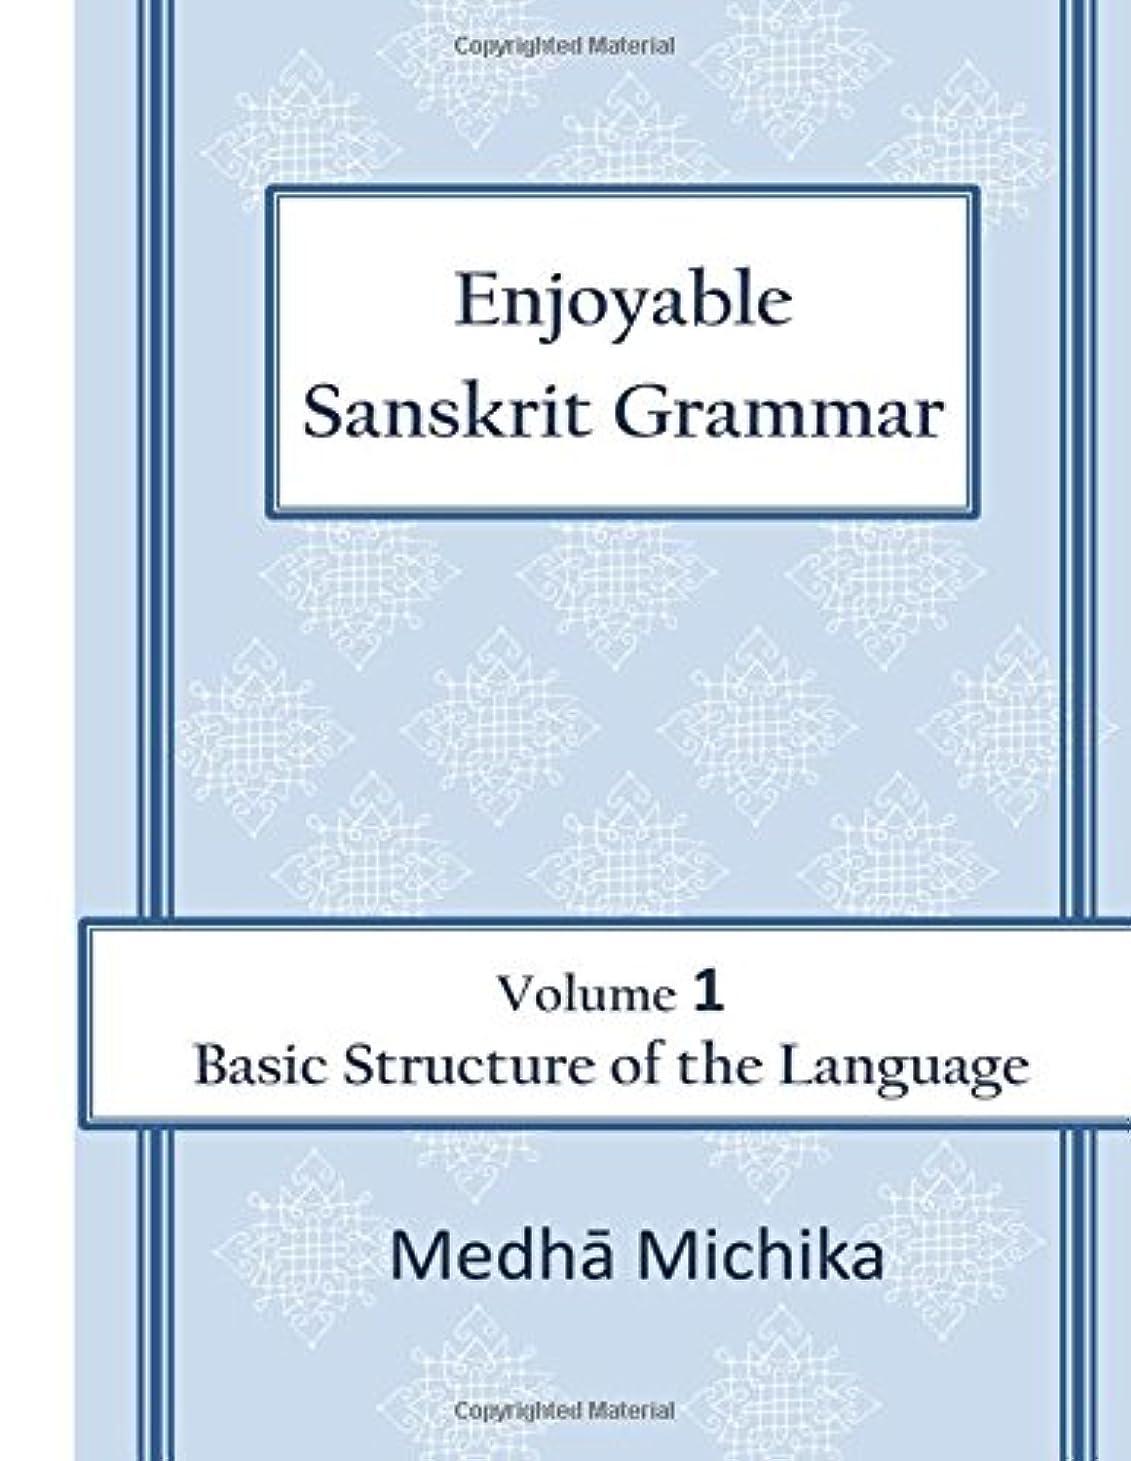 継続中一定賞賛Enjoyable Sanskrit Grammar Volume 1 Basic Structure of the Language